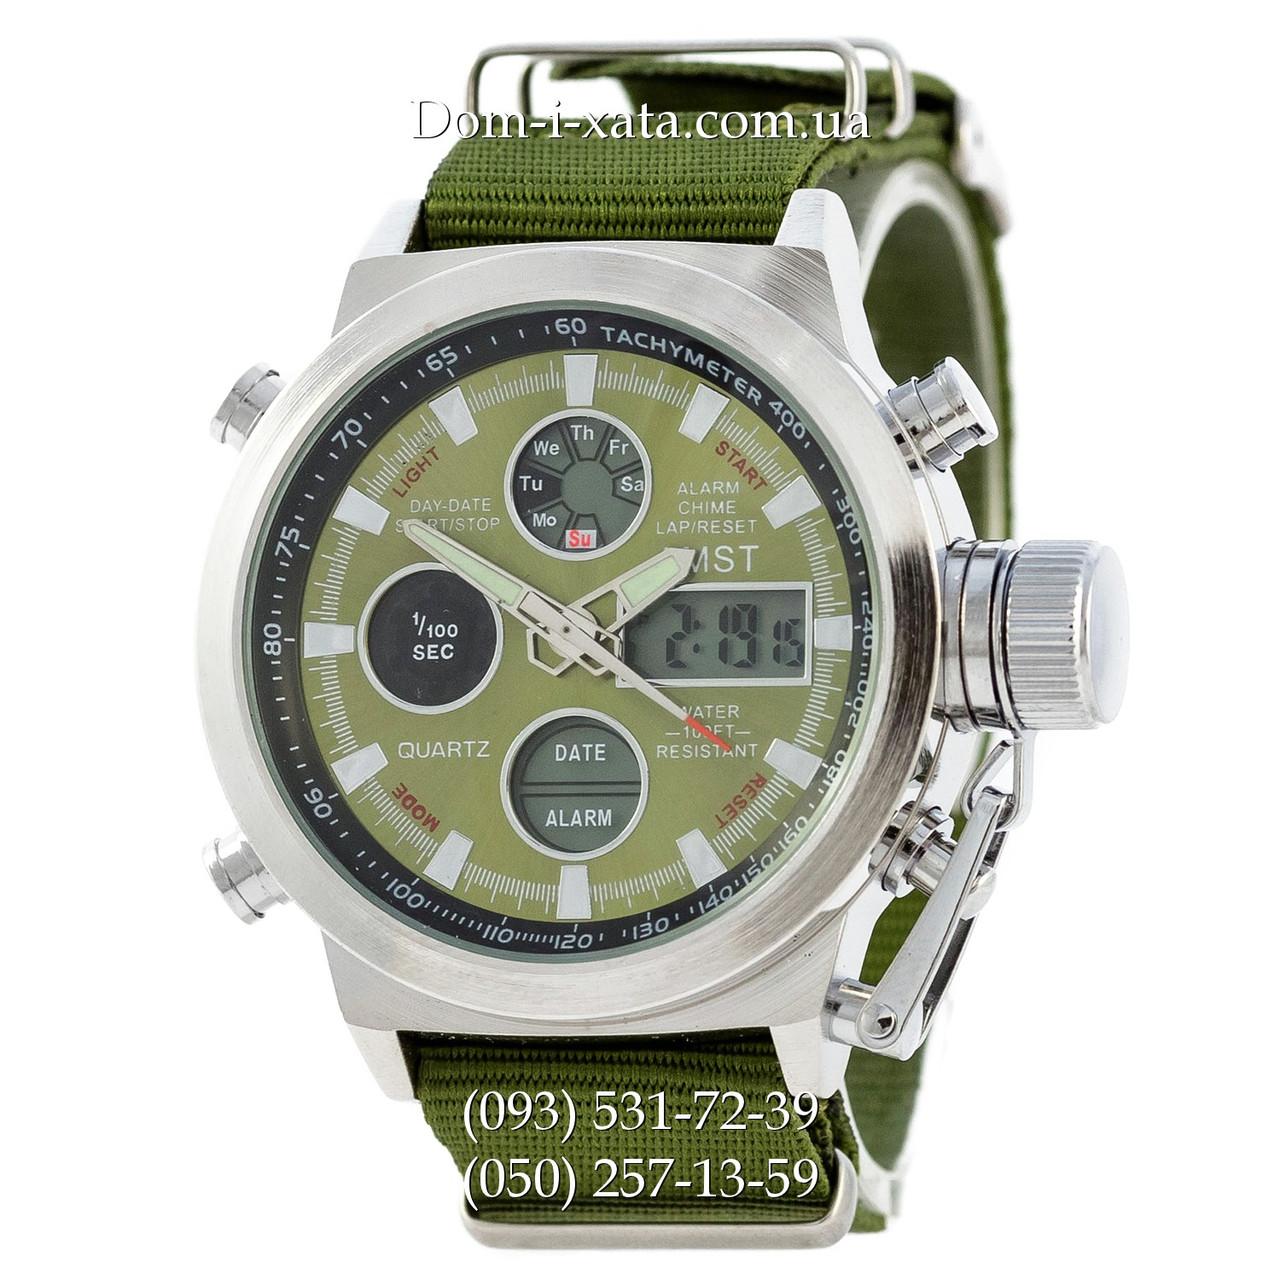 Армейские часы AMST 3003 Silver-Green, кварцевые, противоударные, армейские часы АМСТ серебристо-зеленые, реплика, отличное качество!